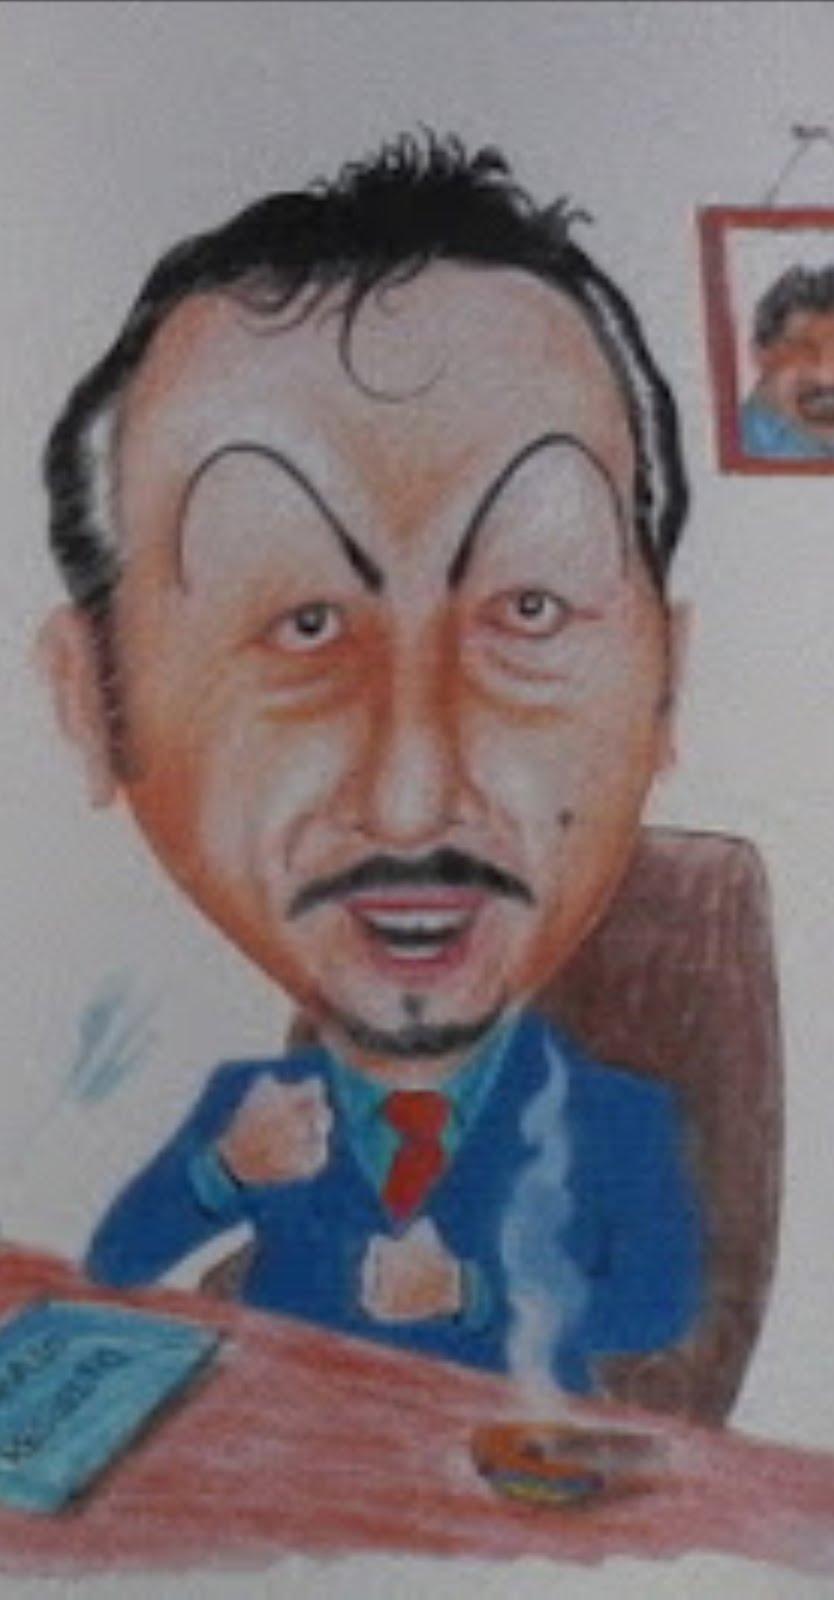 Decepcionados del «Rigoñas» en Tláhuac le dan las gracias y se van